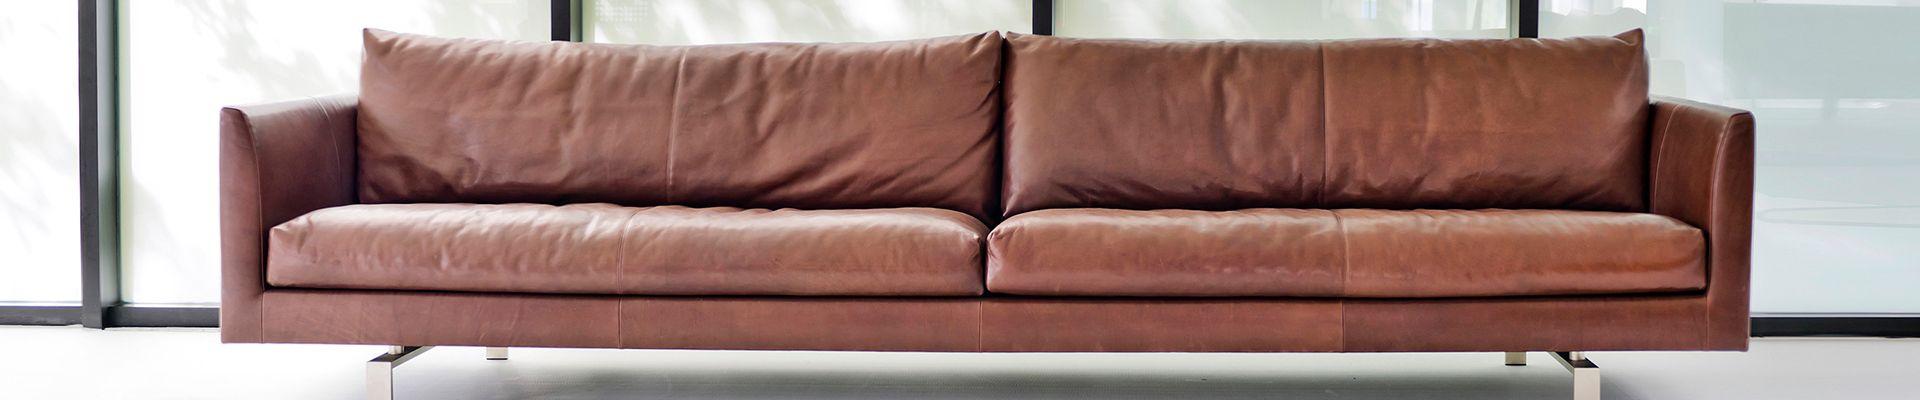 Pflege von Gartenmöbeln aus Metall